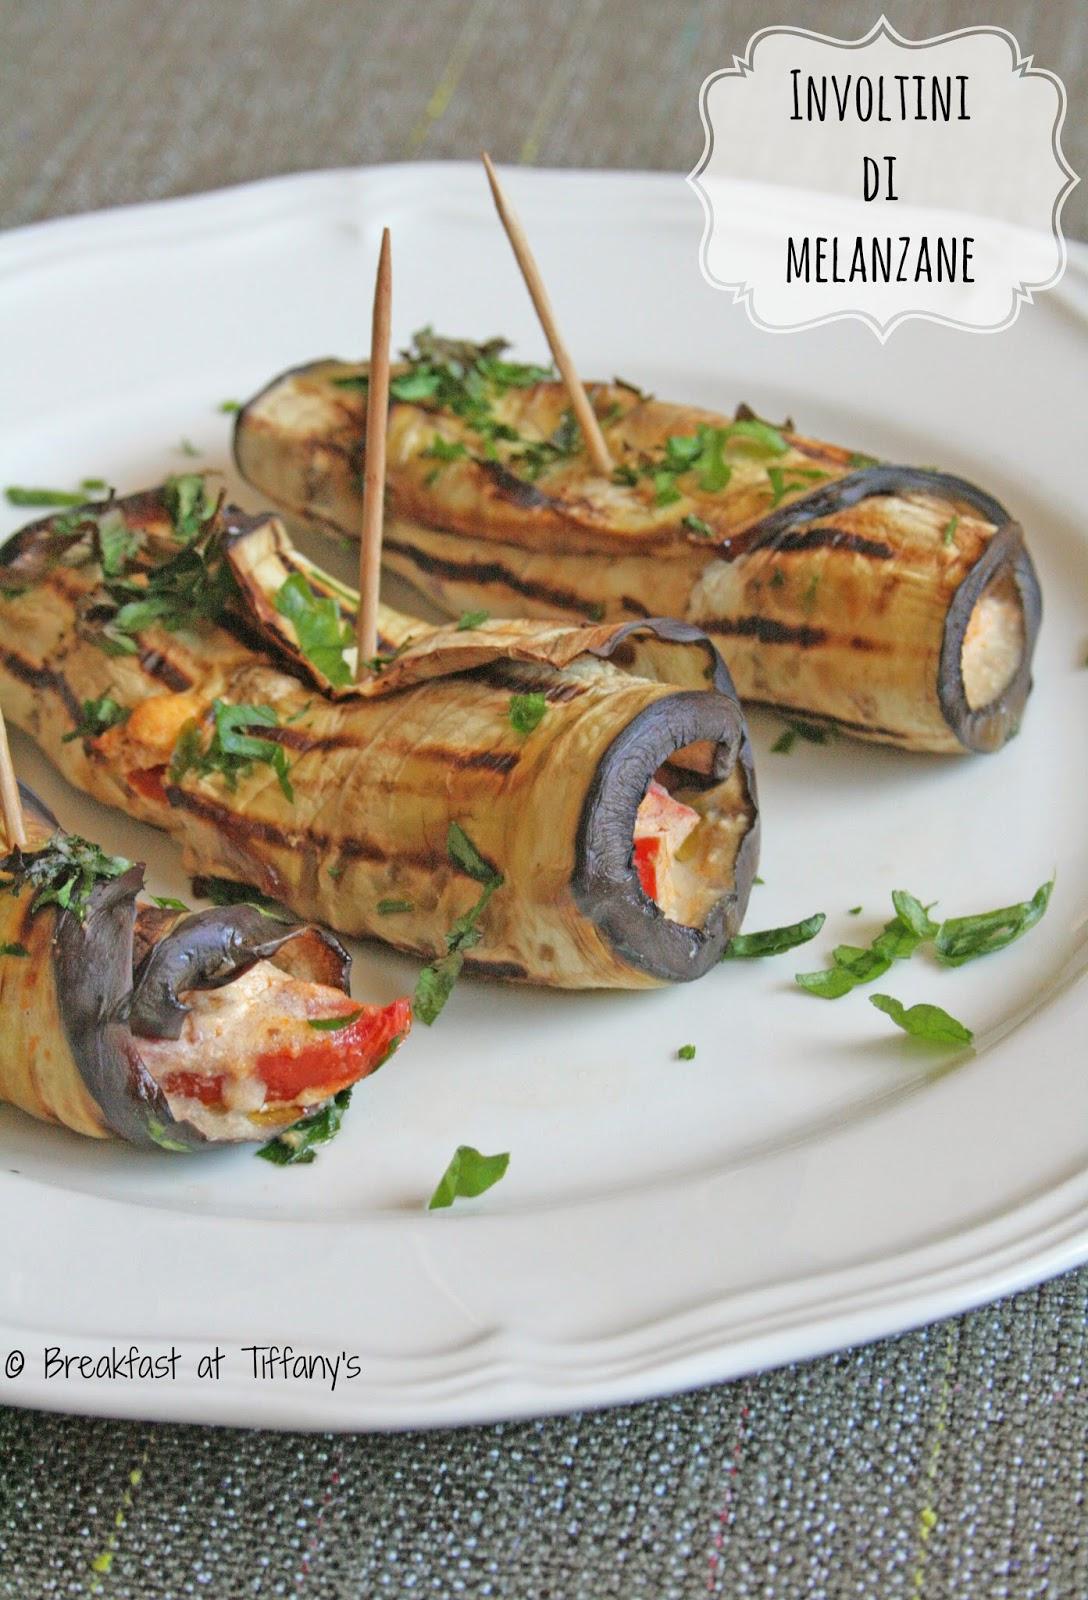 involtini di melanzane / aubergine rolls recipe